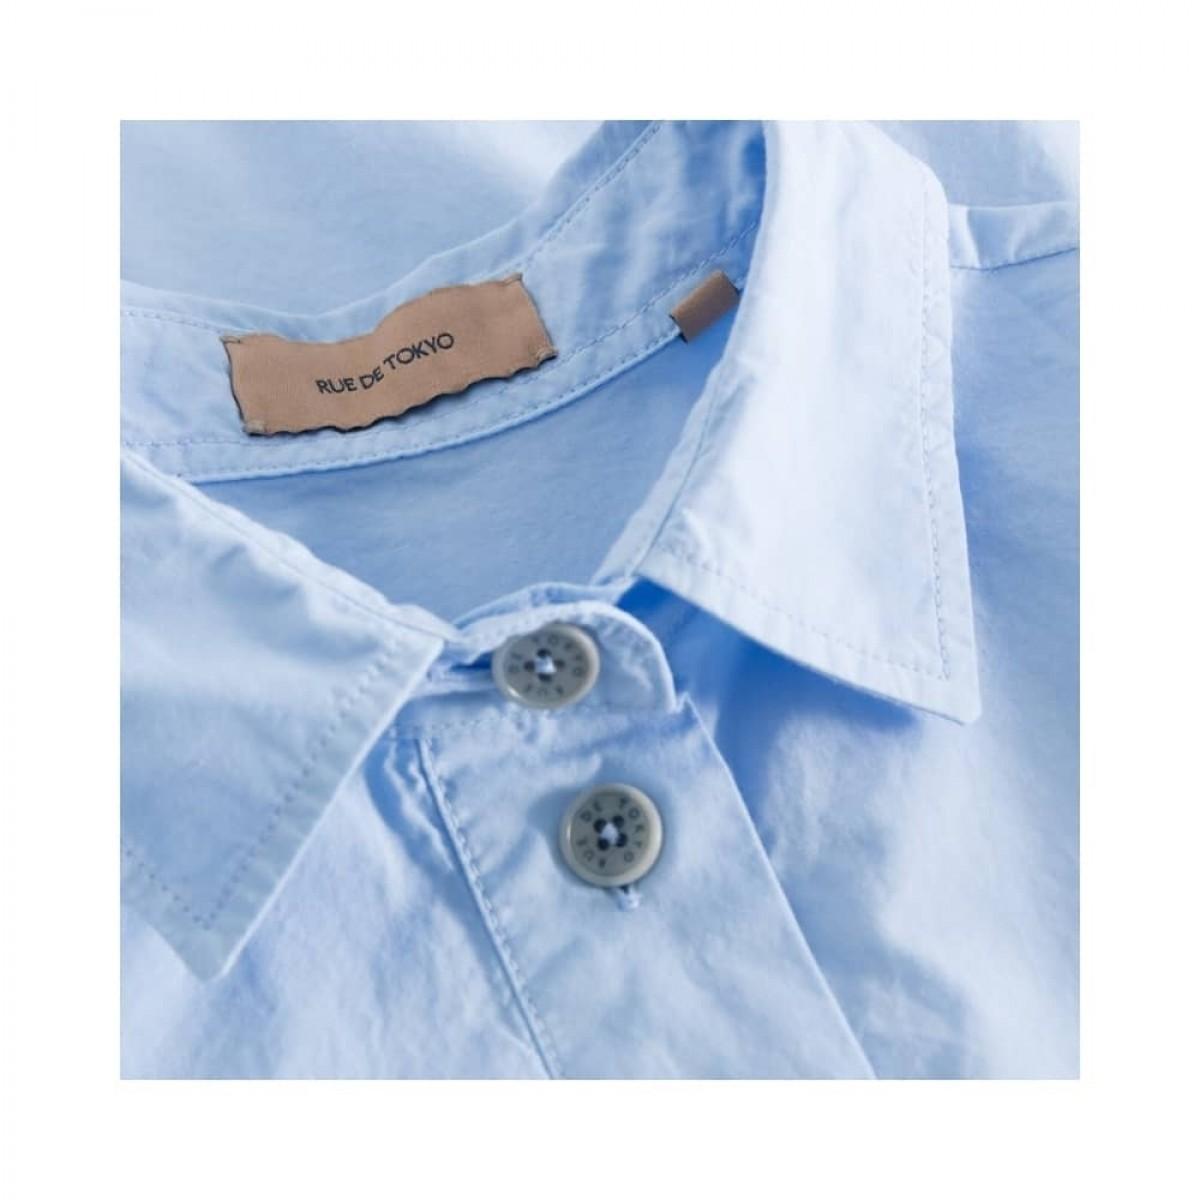 shiloh skjorte - light blue - krave